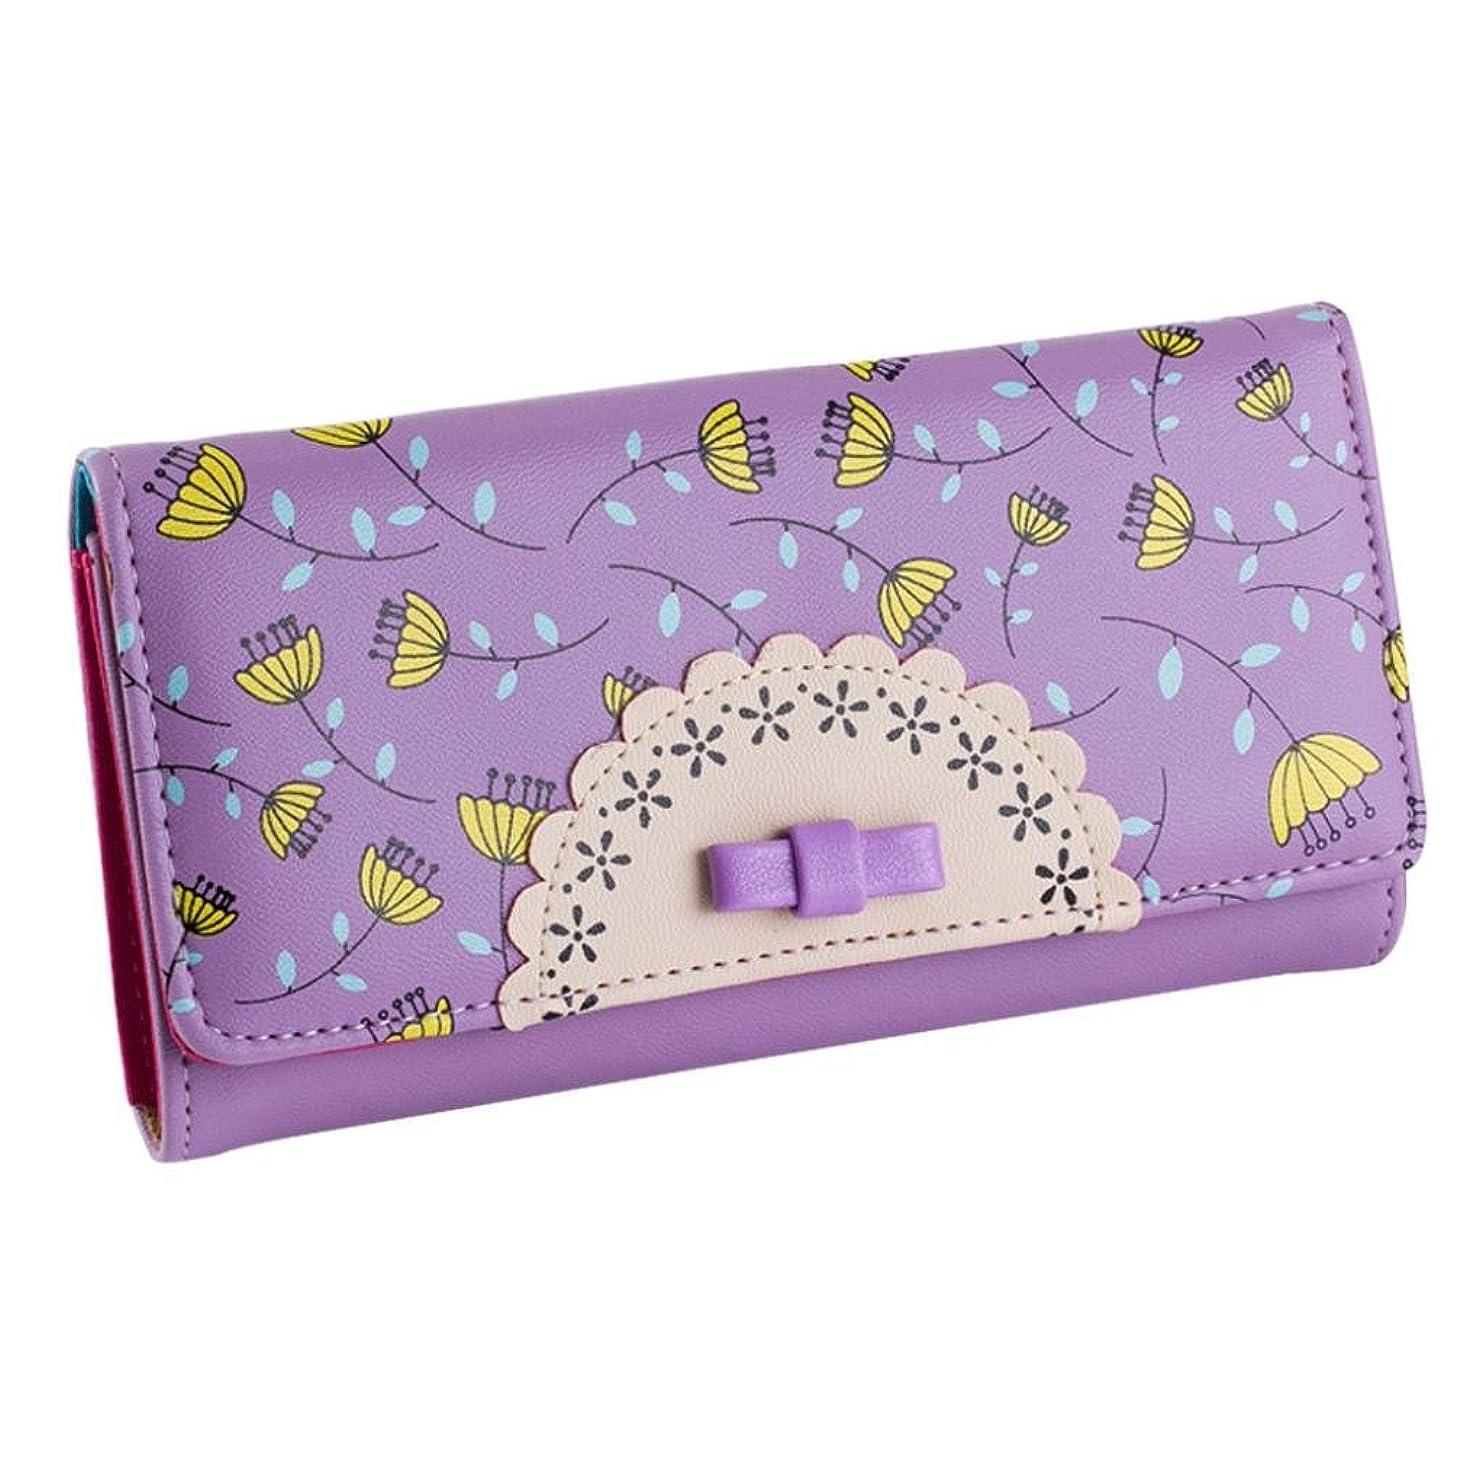 失う失アートgbsell Lady Women Girl PurseクラッチバッグSweetカレッジ風リボン付き財布